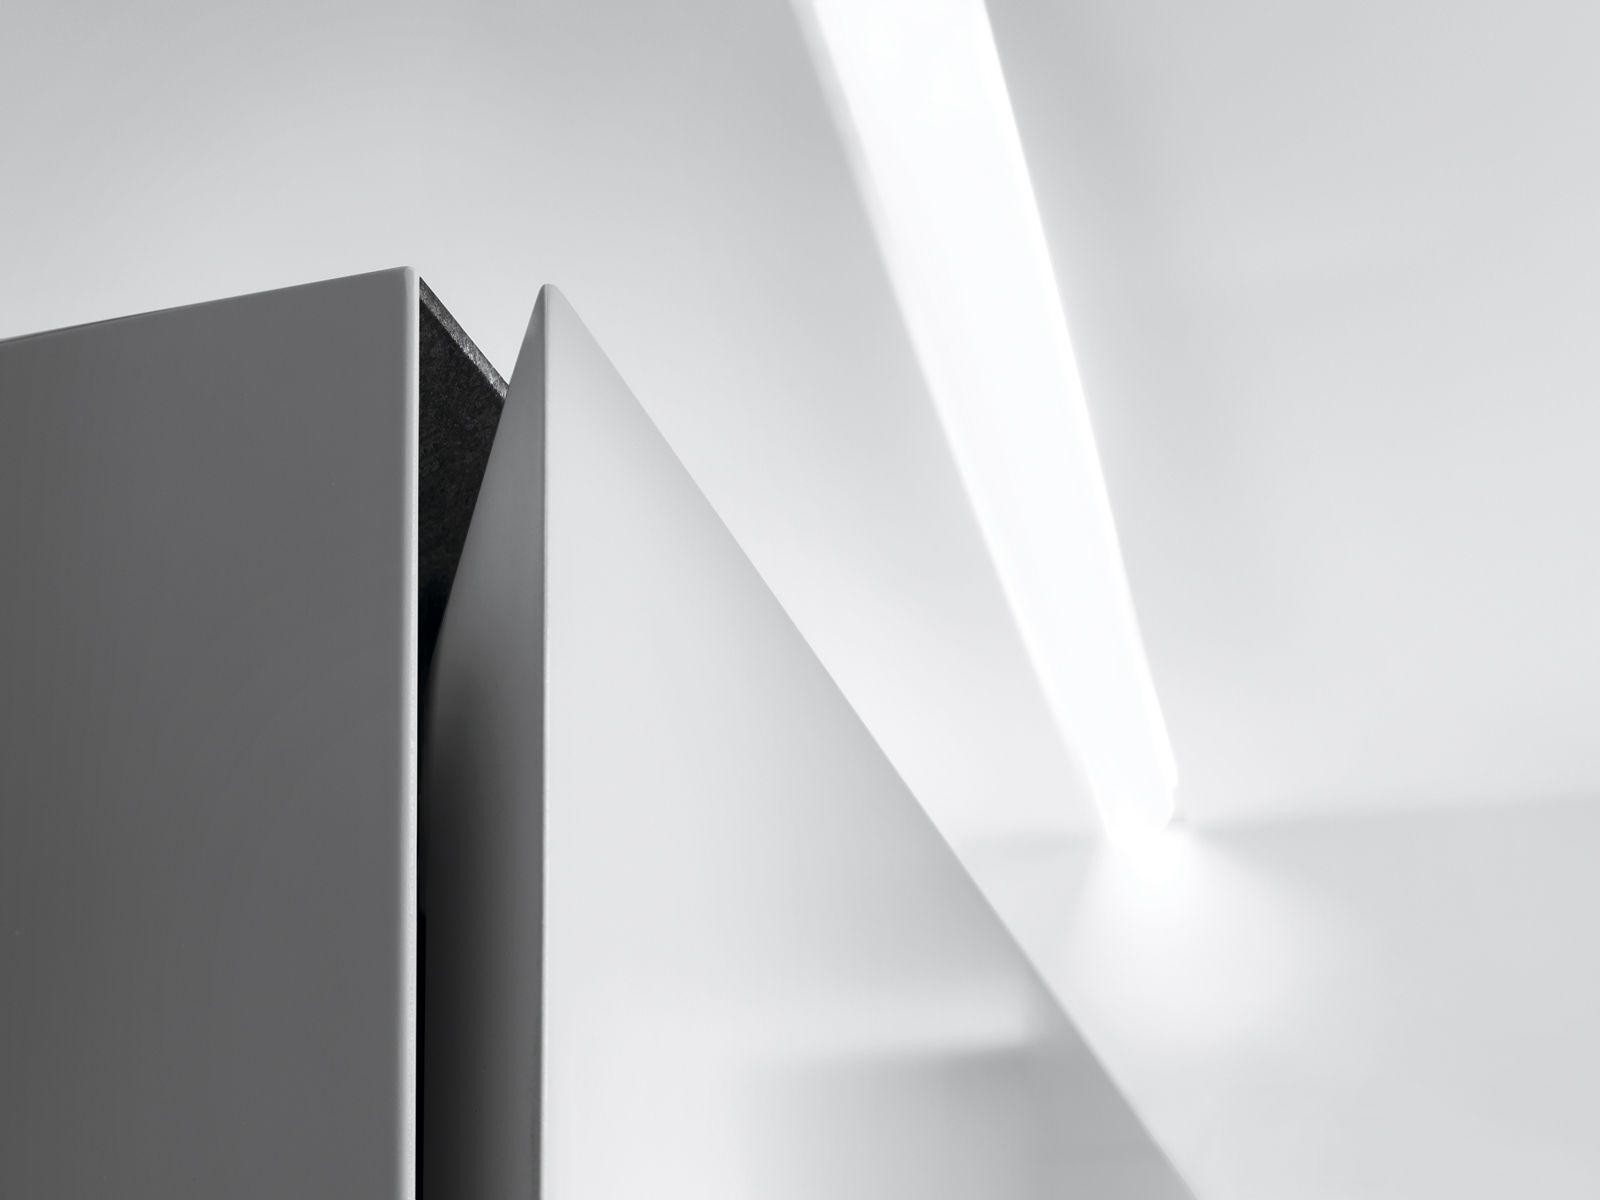 Wunderbar Küchentüren Und Schubladenfronten Ebay Ideen ...